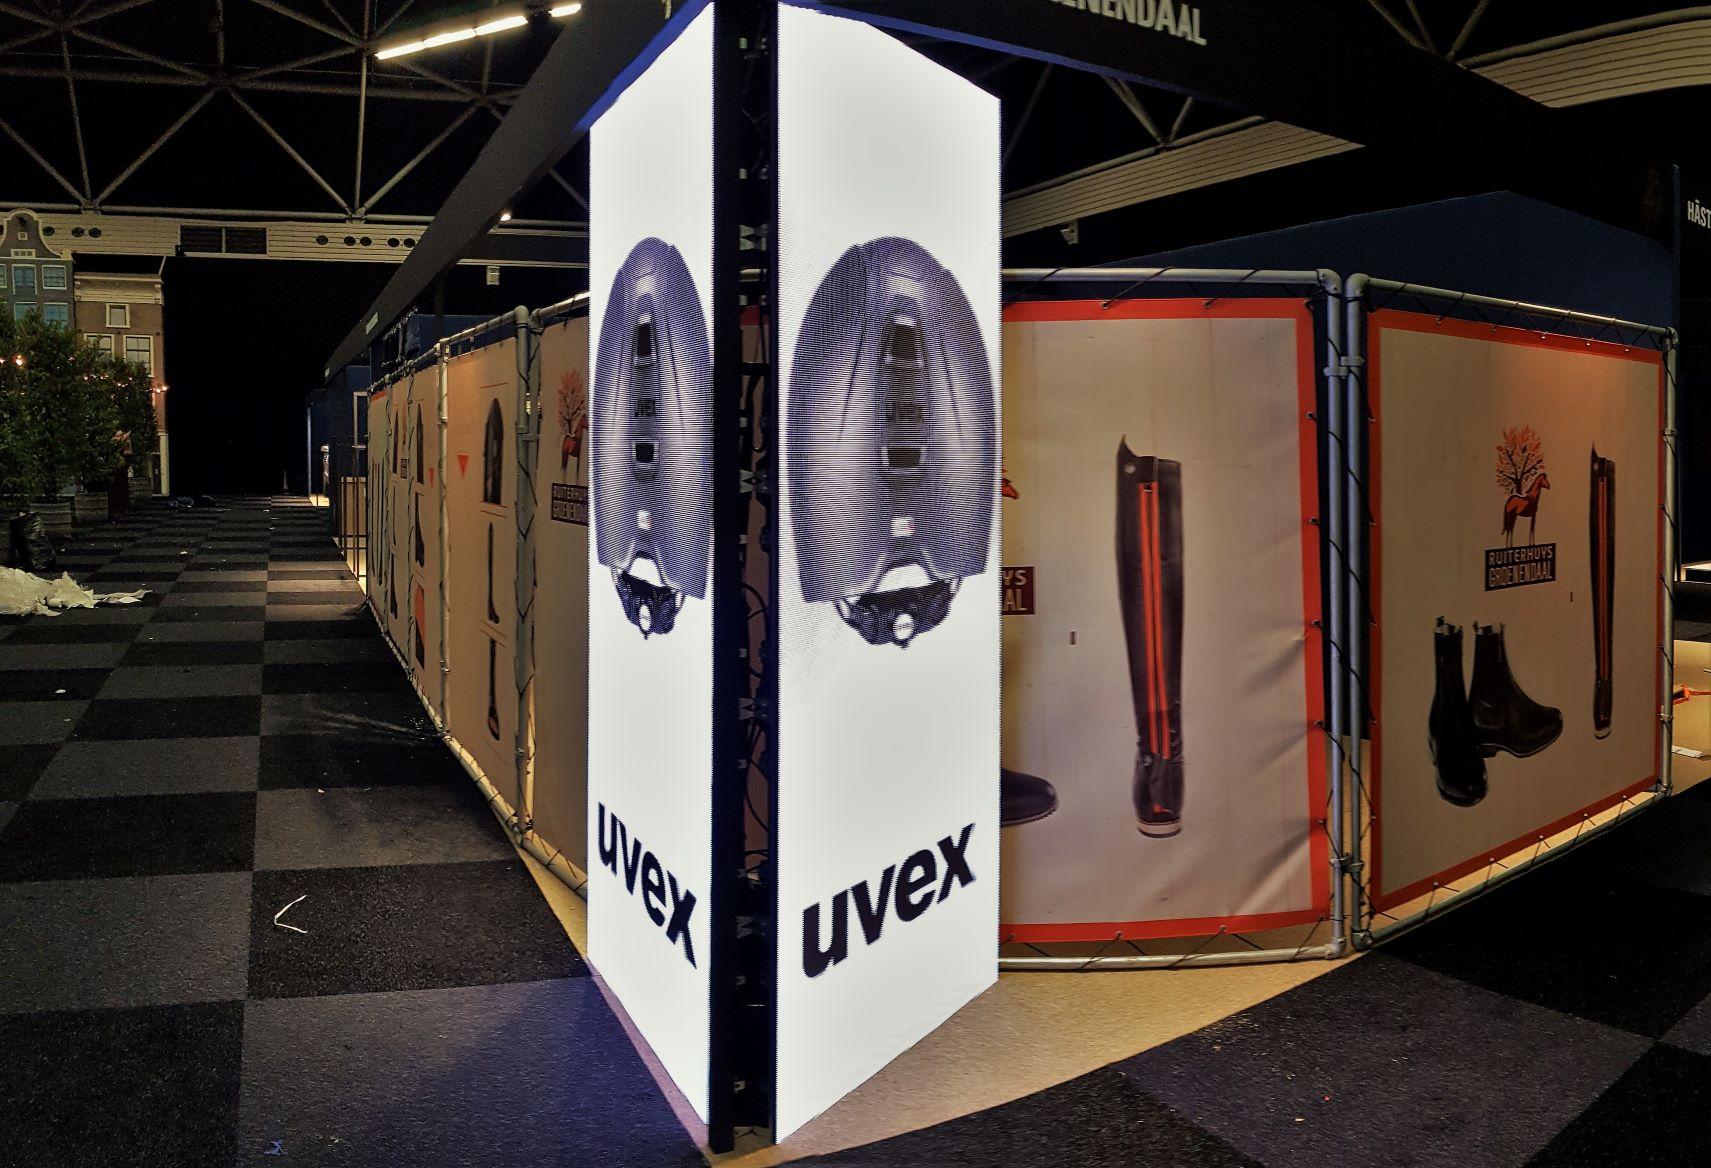 Led scherm P4.81 tijdens Juminping Amsterdam 2020